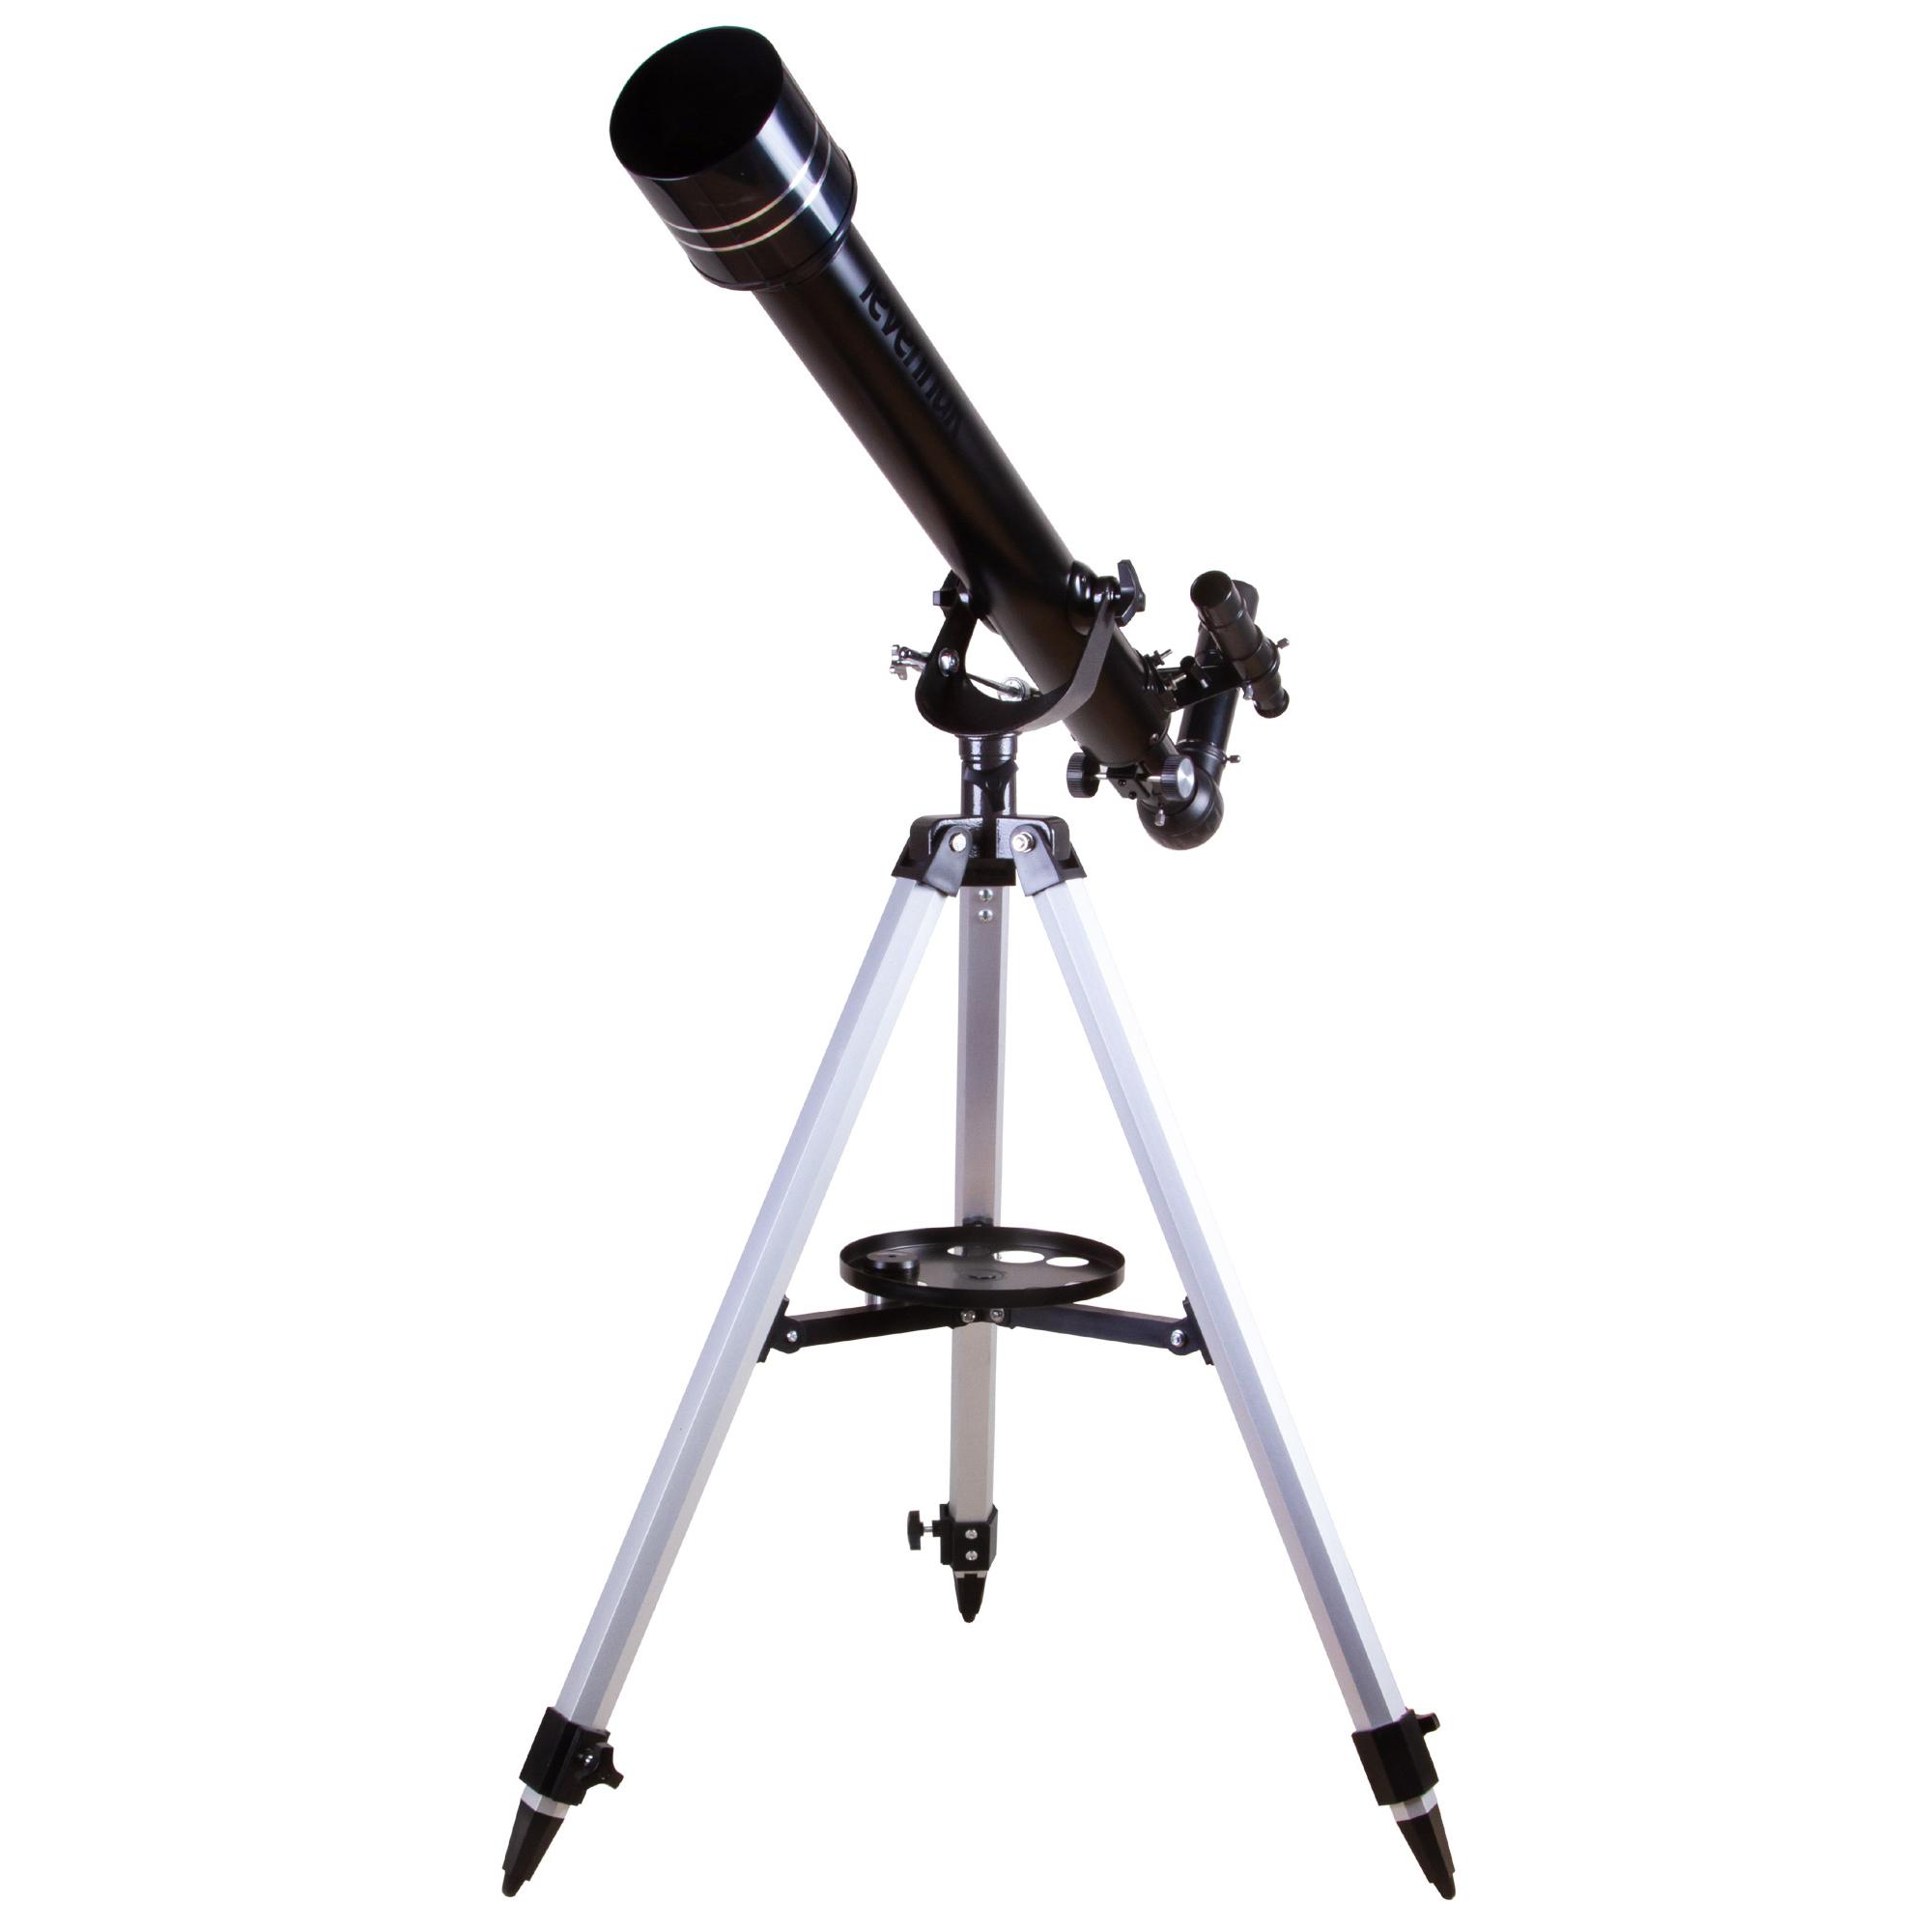 Фото - Телескоп Levenhuk Skyline BASE 60T (+ Книга «Космос. Непустая пустота» в подарок!) телескоп levenhuk skyline base 60t книга космос непустая пустота в подарок